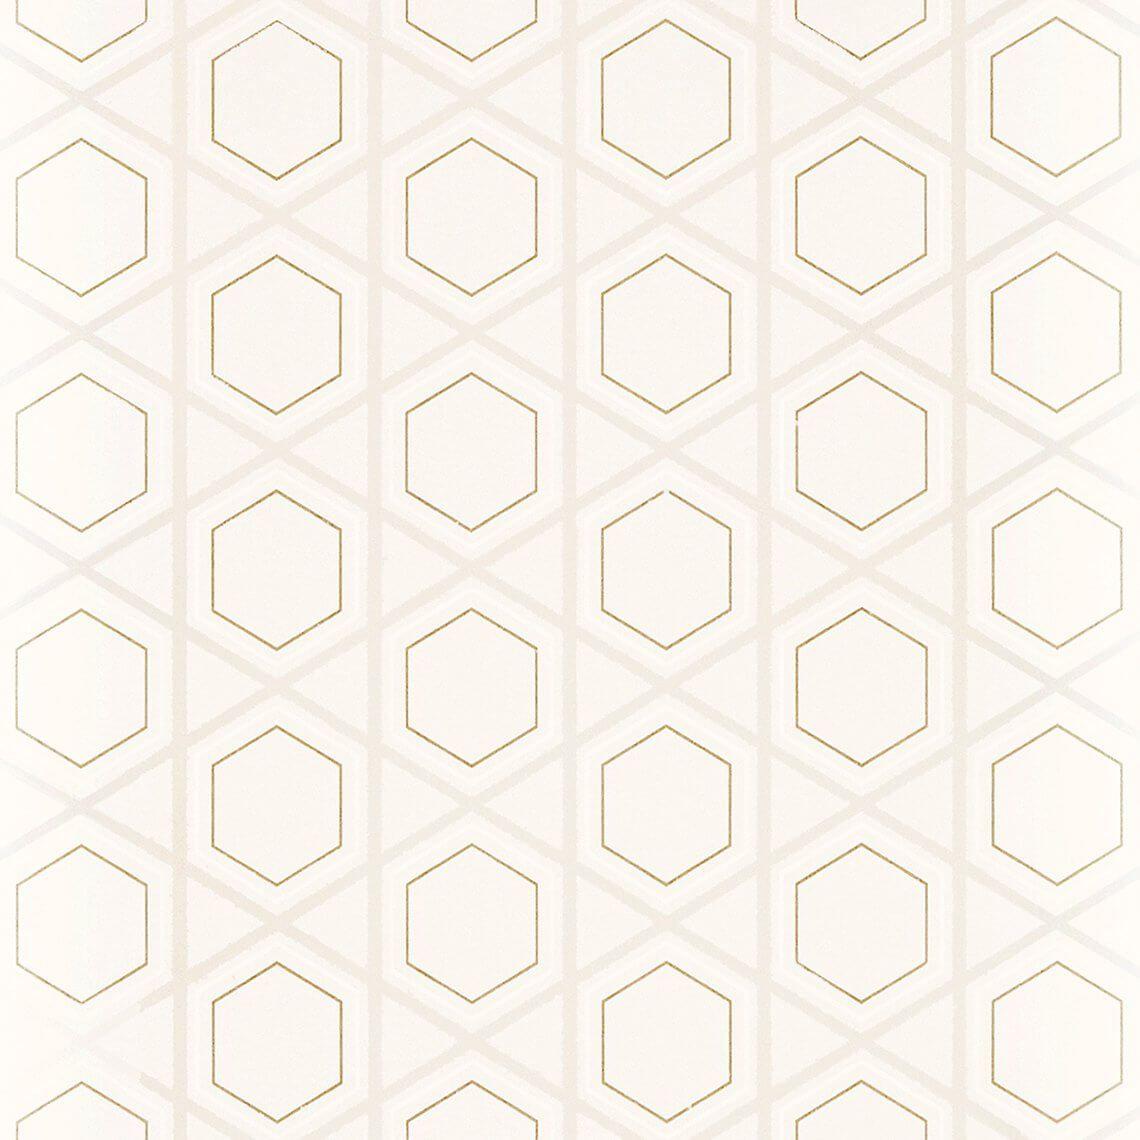 Papier peint SANA 100% intissé motif graphique détails métallisés ...